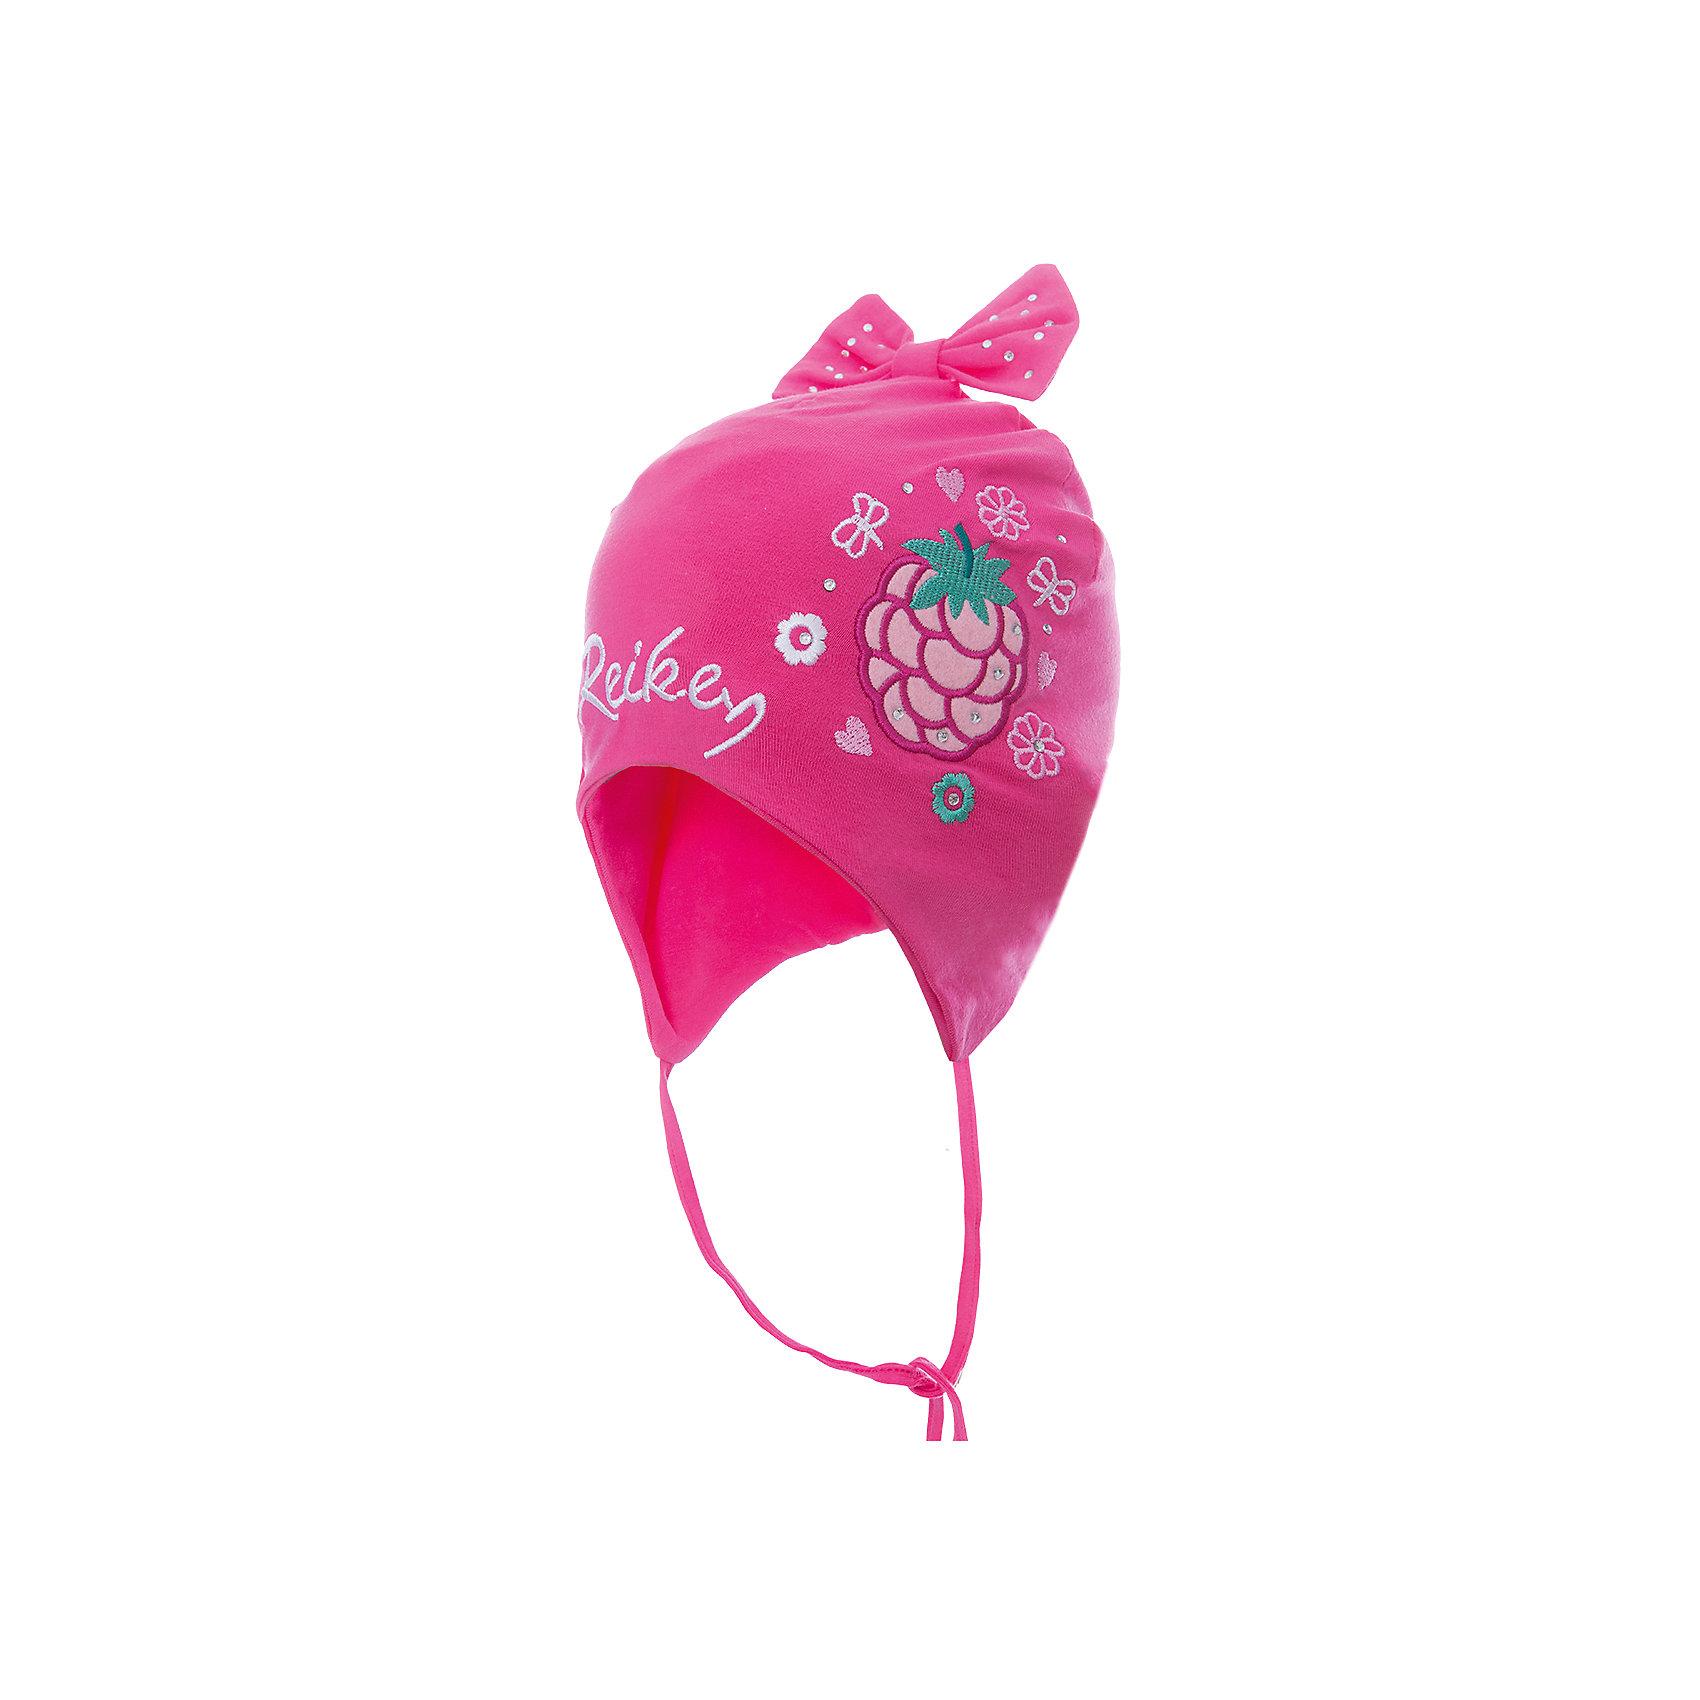 Шапка Reike для девочкиШапки и шарфы<br>Характеристики товара:<br><br>• цвет: розовый<br>• состав: 100% хлопок<br>• подкладка: 100% хлопок<br>• температурный режим: от +5° С до +15° С<br>• завязки во всех размерах<br>• декорирована вышивкой и стразами<br>• декоративный бант наверху<br>• логотип Reike спереди<br>• страна бренда: Финляндия<br><br>Демисезонная одежда может быть очень красивой и удобной! Новая коллекция от известного финского производителя Reike отличается ярким дизайном, продуманностью и комфортом! Эта модель разработана специально для детей - она учитывает особенности их физиологии, а также новые тенденции в европейской моде. Стильная и удобная вещь!<br><br>Шапку для девочки от популярного бренда Reike можно купить в нашем интернет-магазине.<br><br>Ширина мм: 89<br>Глубина мм: 117<br>Высота мм: 44<br>Вес г: 155<br>Цвет: фуксия<br>Возраст от месяцев: 6<br>Возраст до месяцев: 9<br>Пол: Женский<br>Возраст: Детский<br>Размер: 46,50,48<br>SKU: 5430092